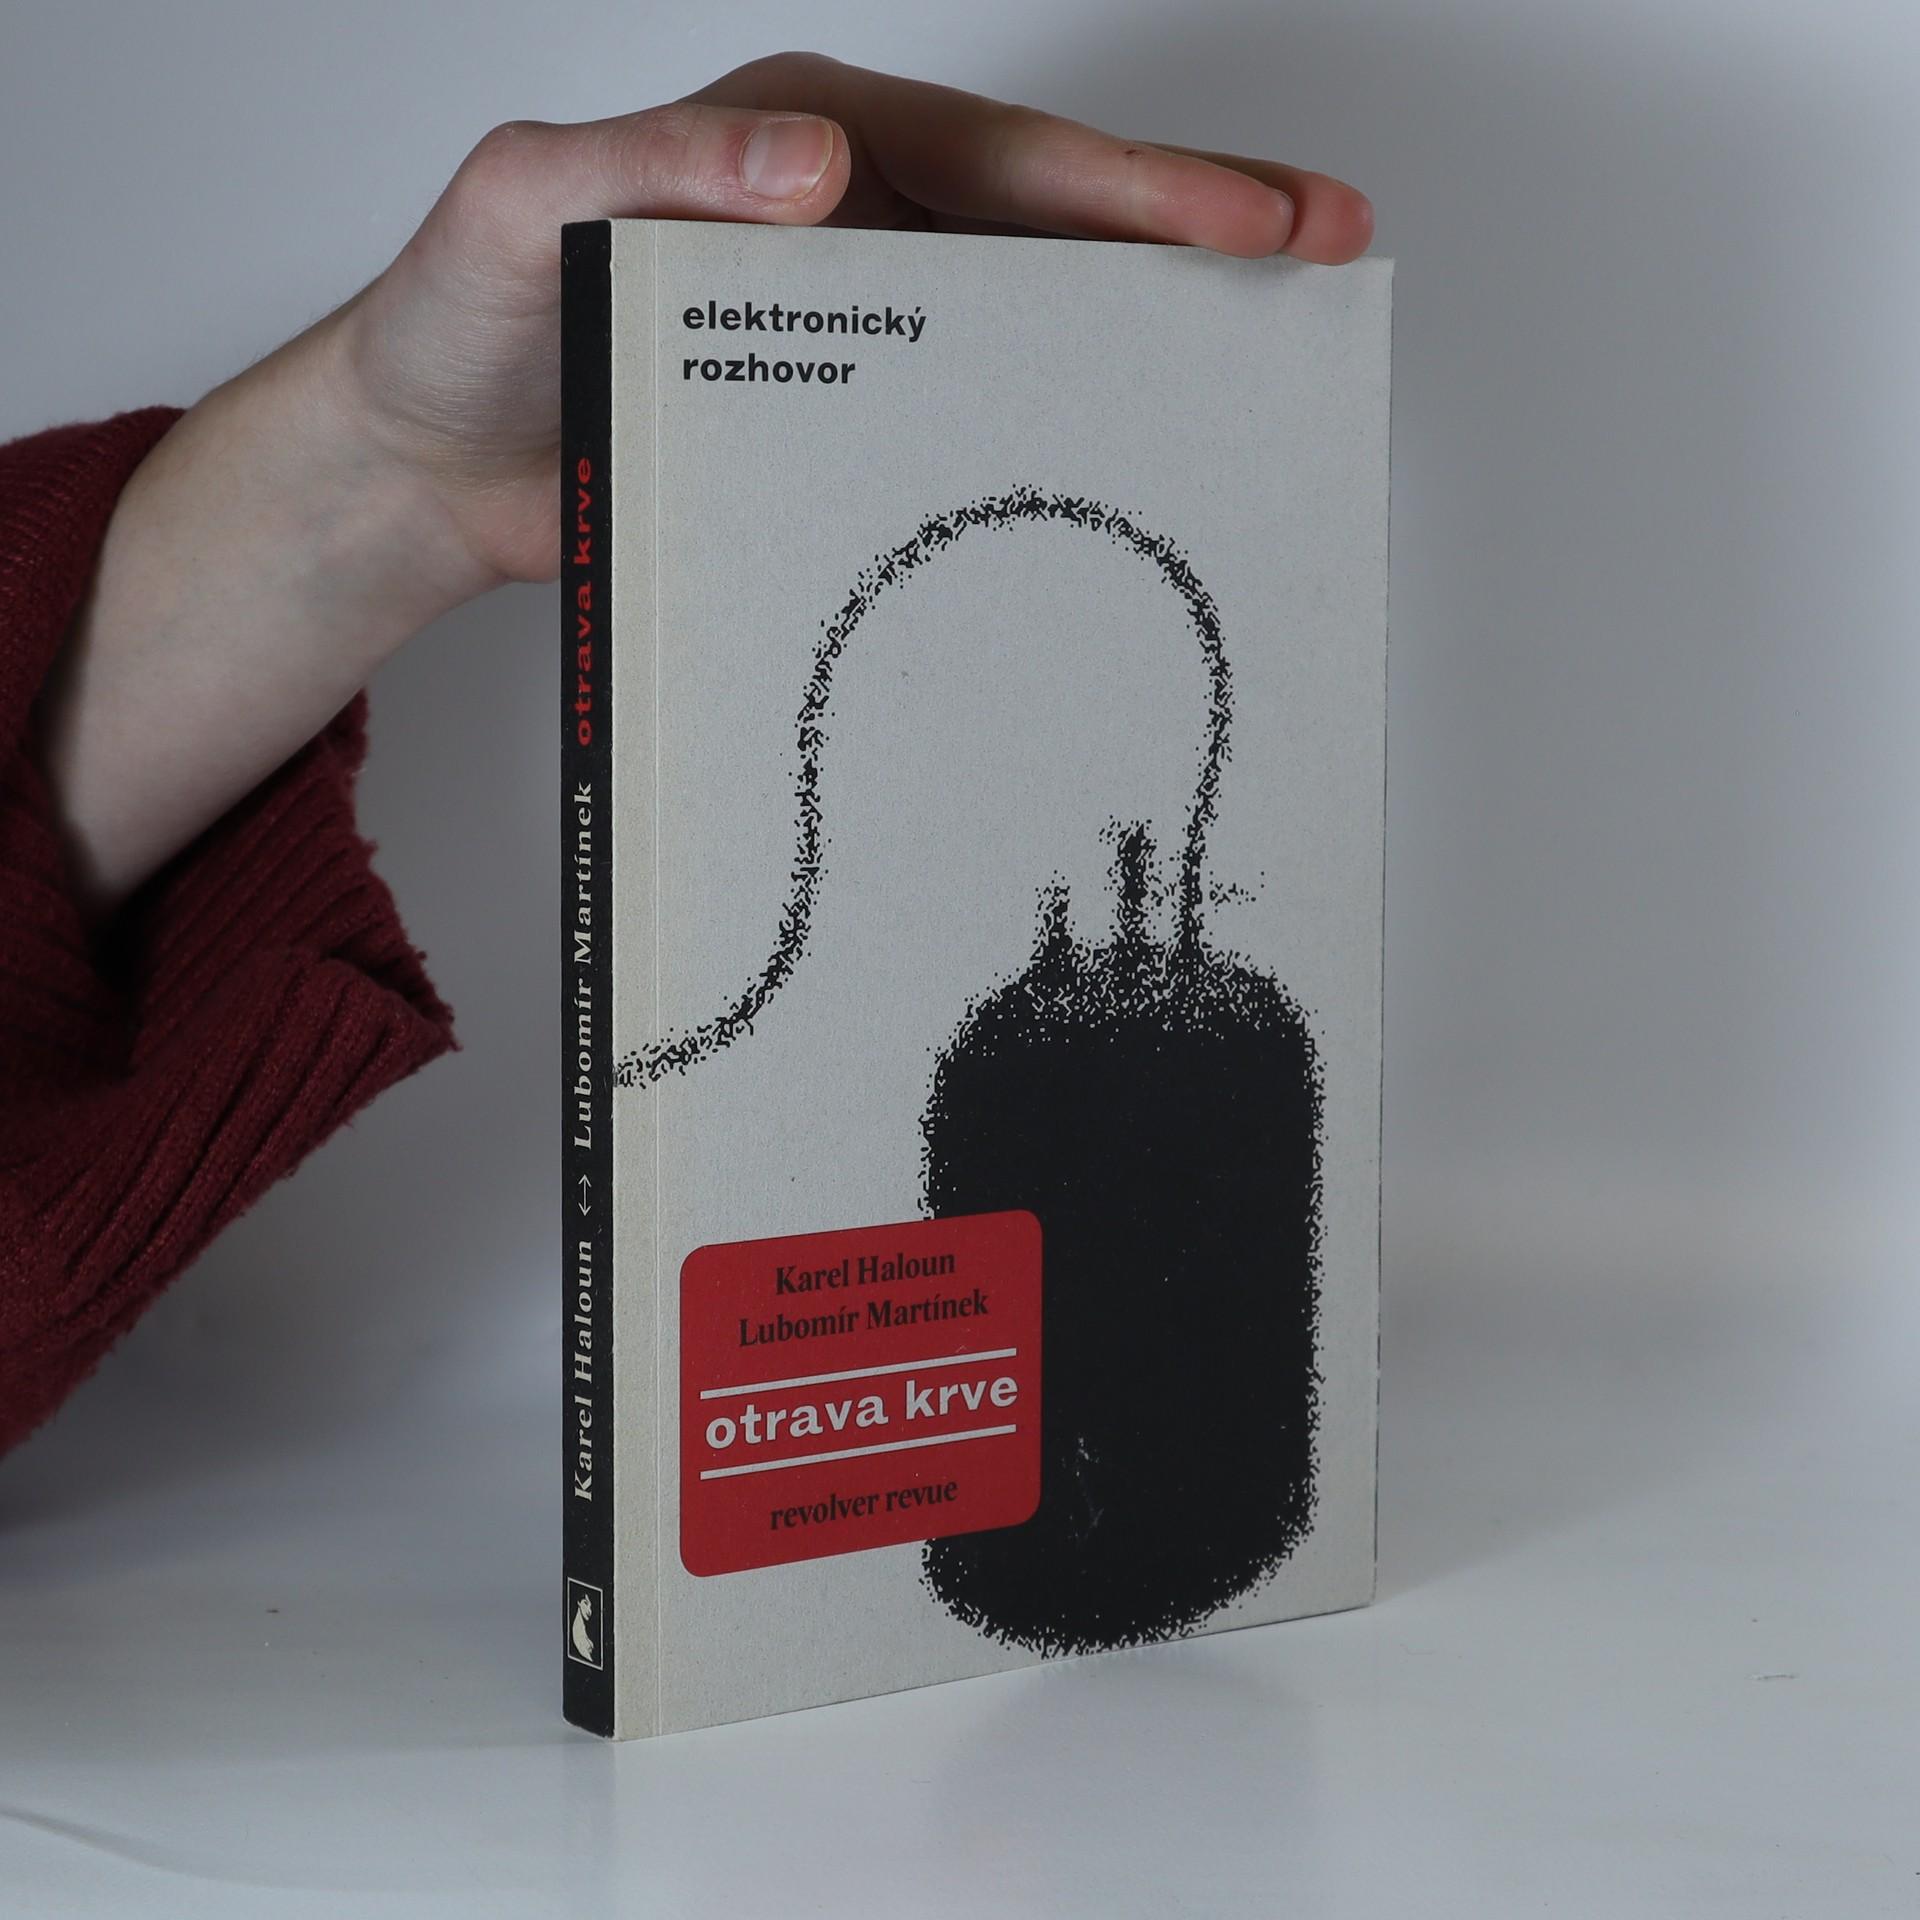 antikvární kniha Otrava krve. Elektronický rozhovor, 2009